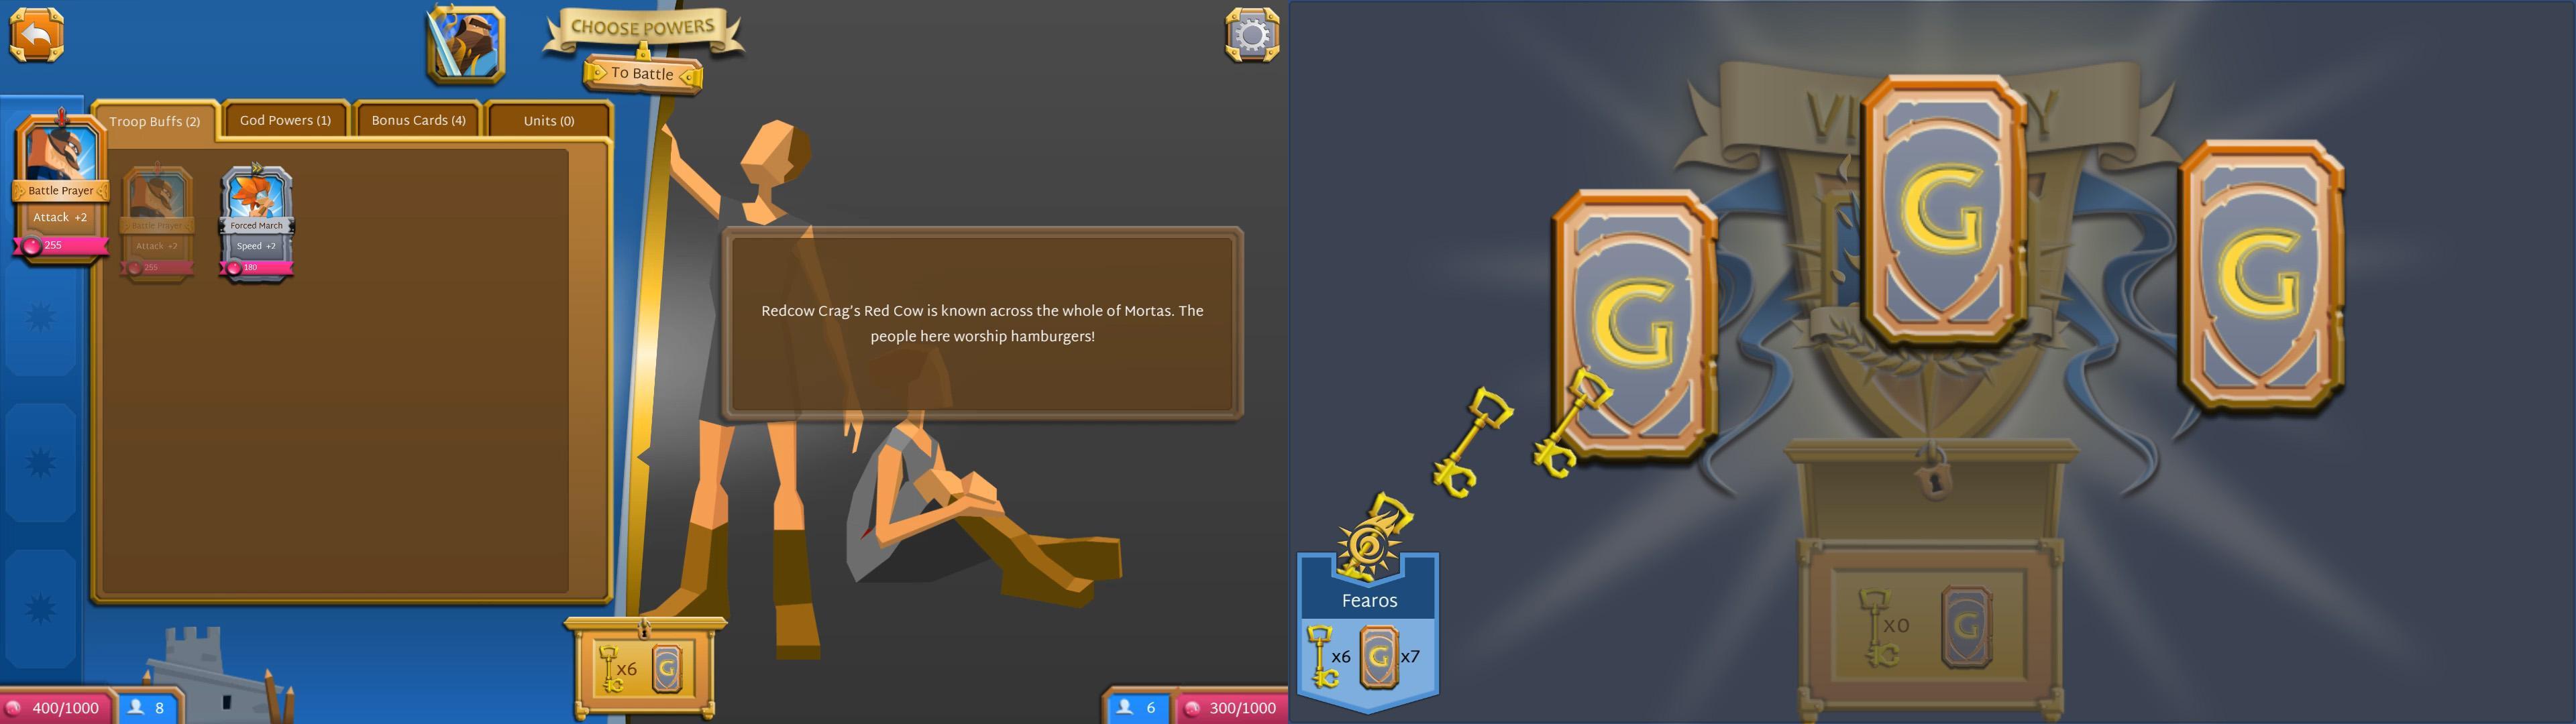 画像左:ステージ開始前にゴッドパワー・消費カードを選ぶ。消費カードはステージ中つねに強化を得る。 画像右:ステージをクリアすると鍵・カードを入手できる。鍵はつぎのステージのアンロックにつかう。